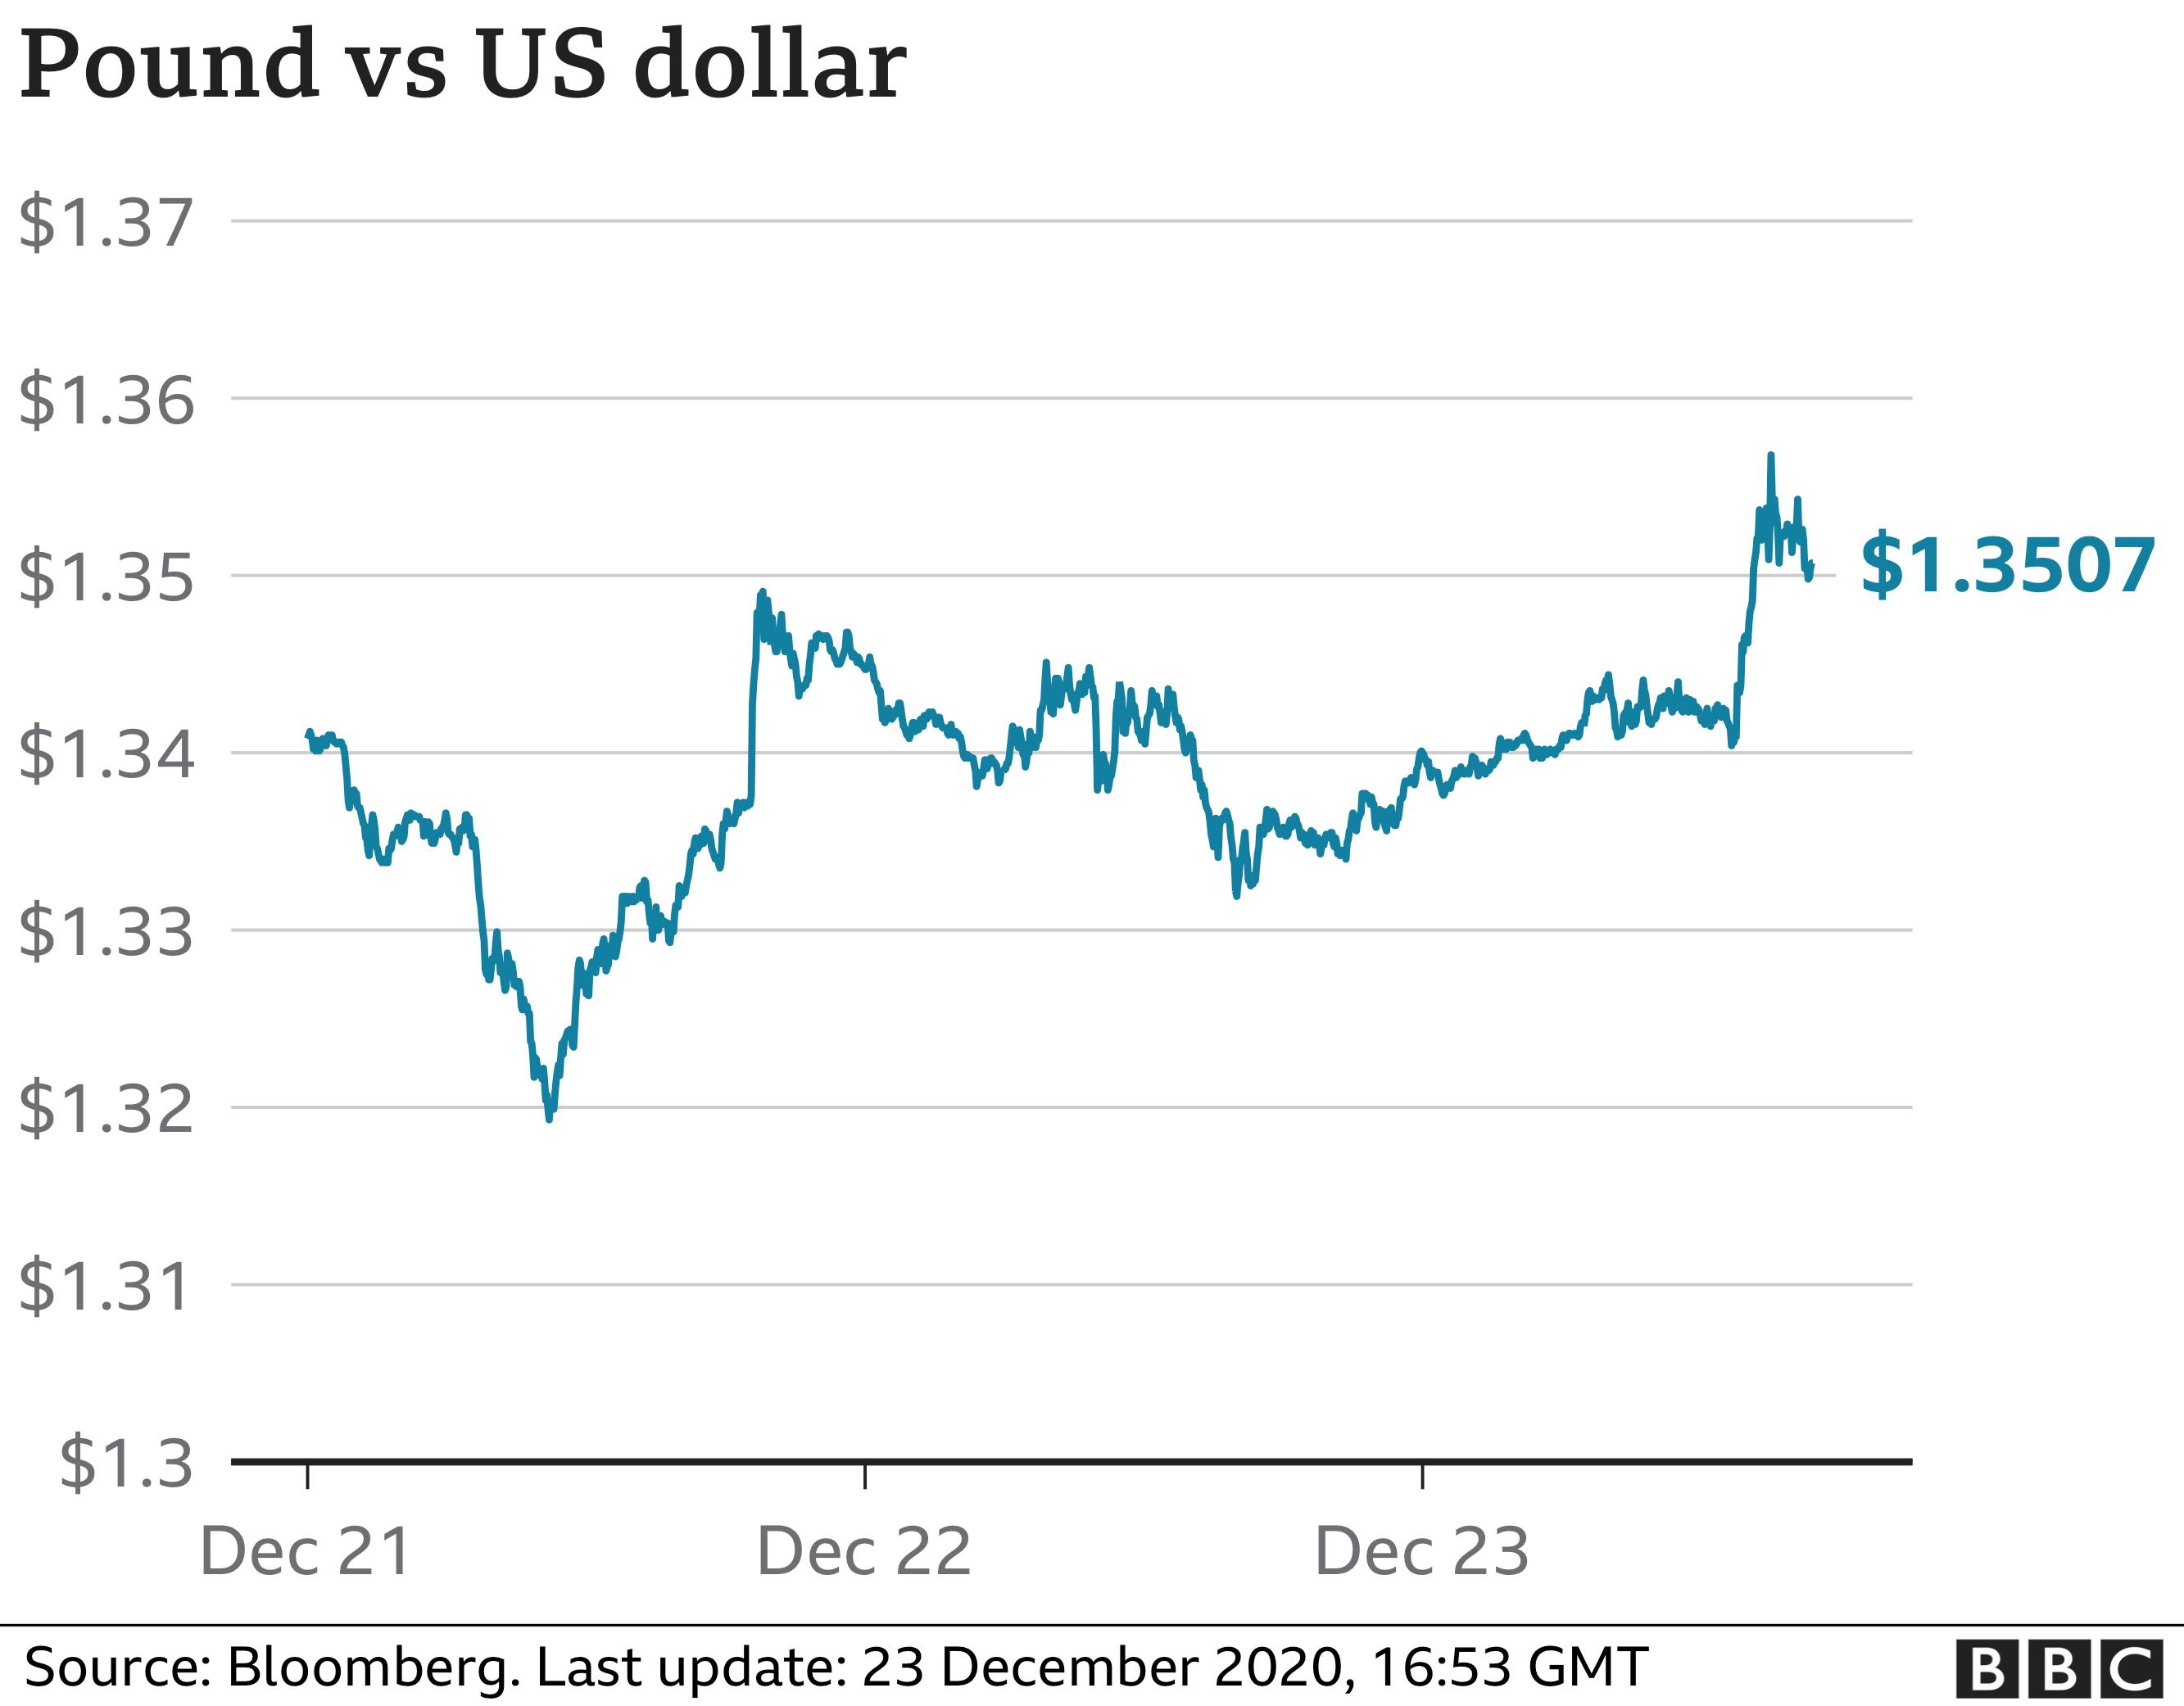 Pound v US dollar